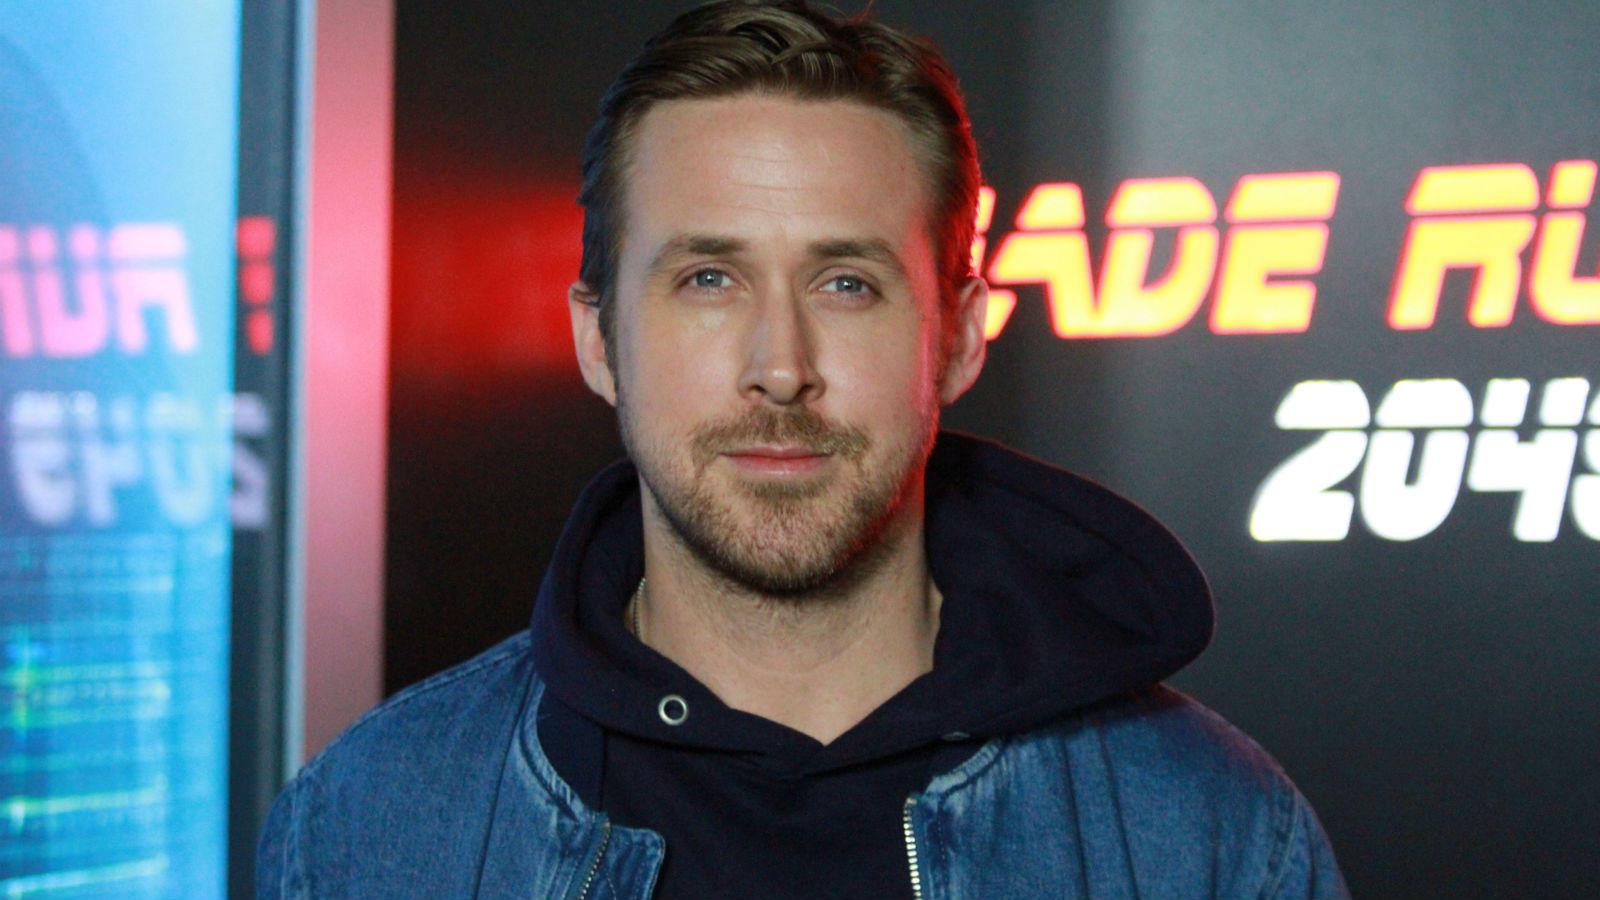 A poszt Brad Pitt éra első számú szívtiprója sose fejezte be a középiskolát, inkább underground, amatőr filmekben csiszolta színészi képességeit. Nick Cassavetes 2004-es Szerelmünk lapjai (The Notebook) c. filmjével berobbanó, még ma is mindössze 37 éves Gosling tehetsége vitathatatlan. Azóta szerencsére számtalan remek alakítását láthattuk a 2011-es A hatalom árnyékában-tól a 2013-as Csak Isten bocsáthat meg-en át a tavalyi Szárnyas fejvadász folytatásáig. (REX/ Shutterstock)